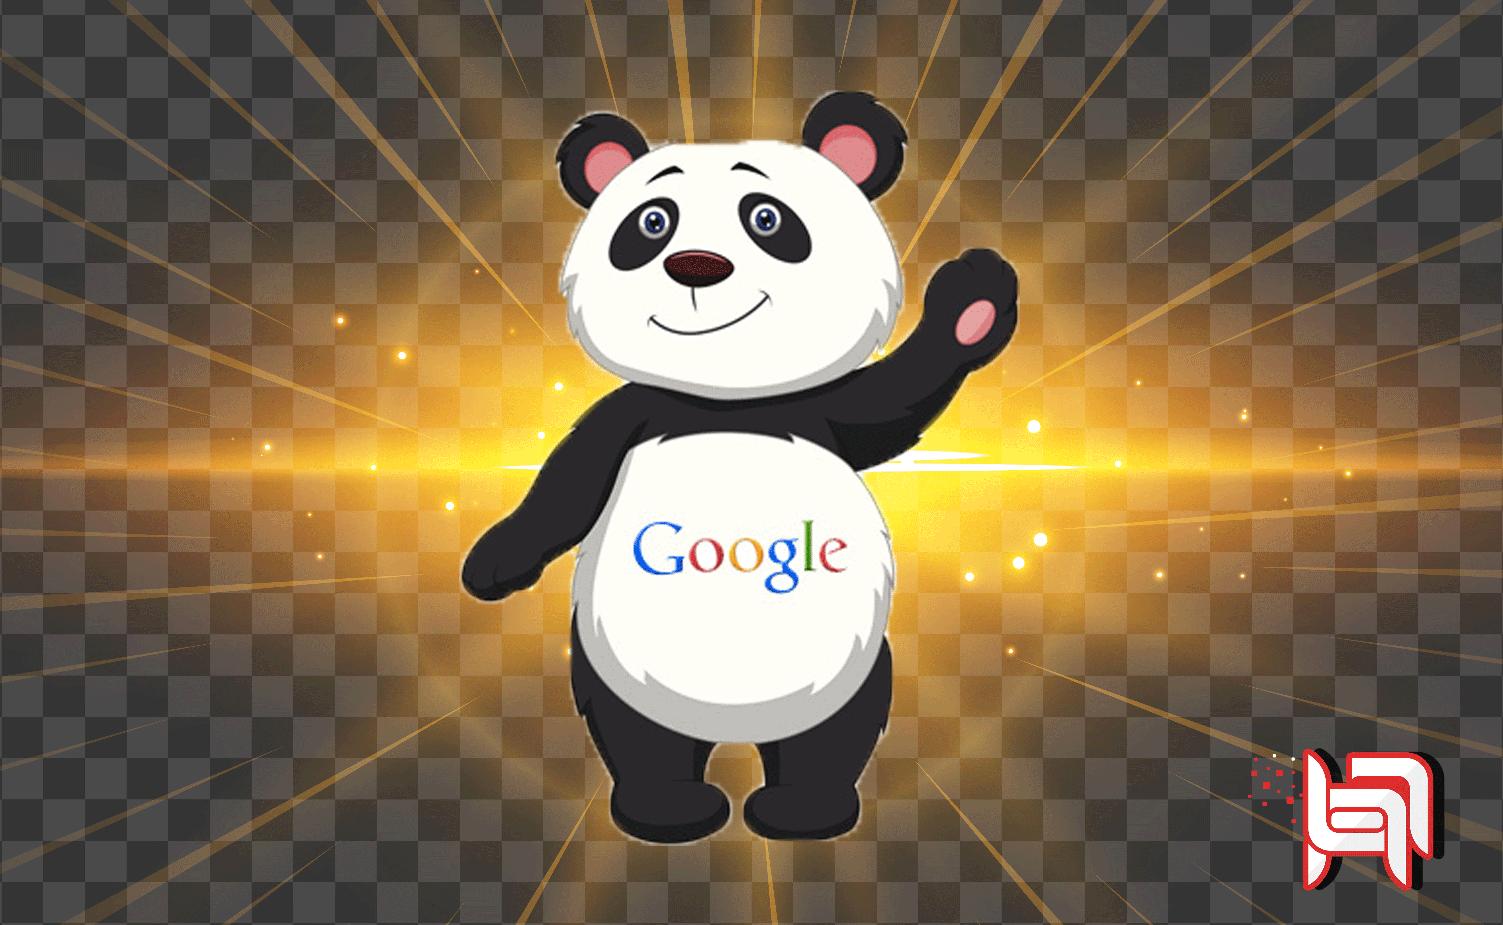 از الگوریتم پاندای گوگل چه میدانیم؟